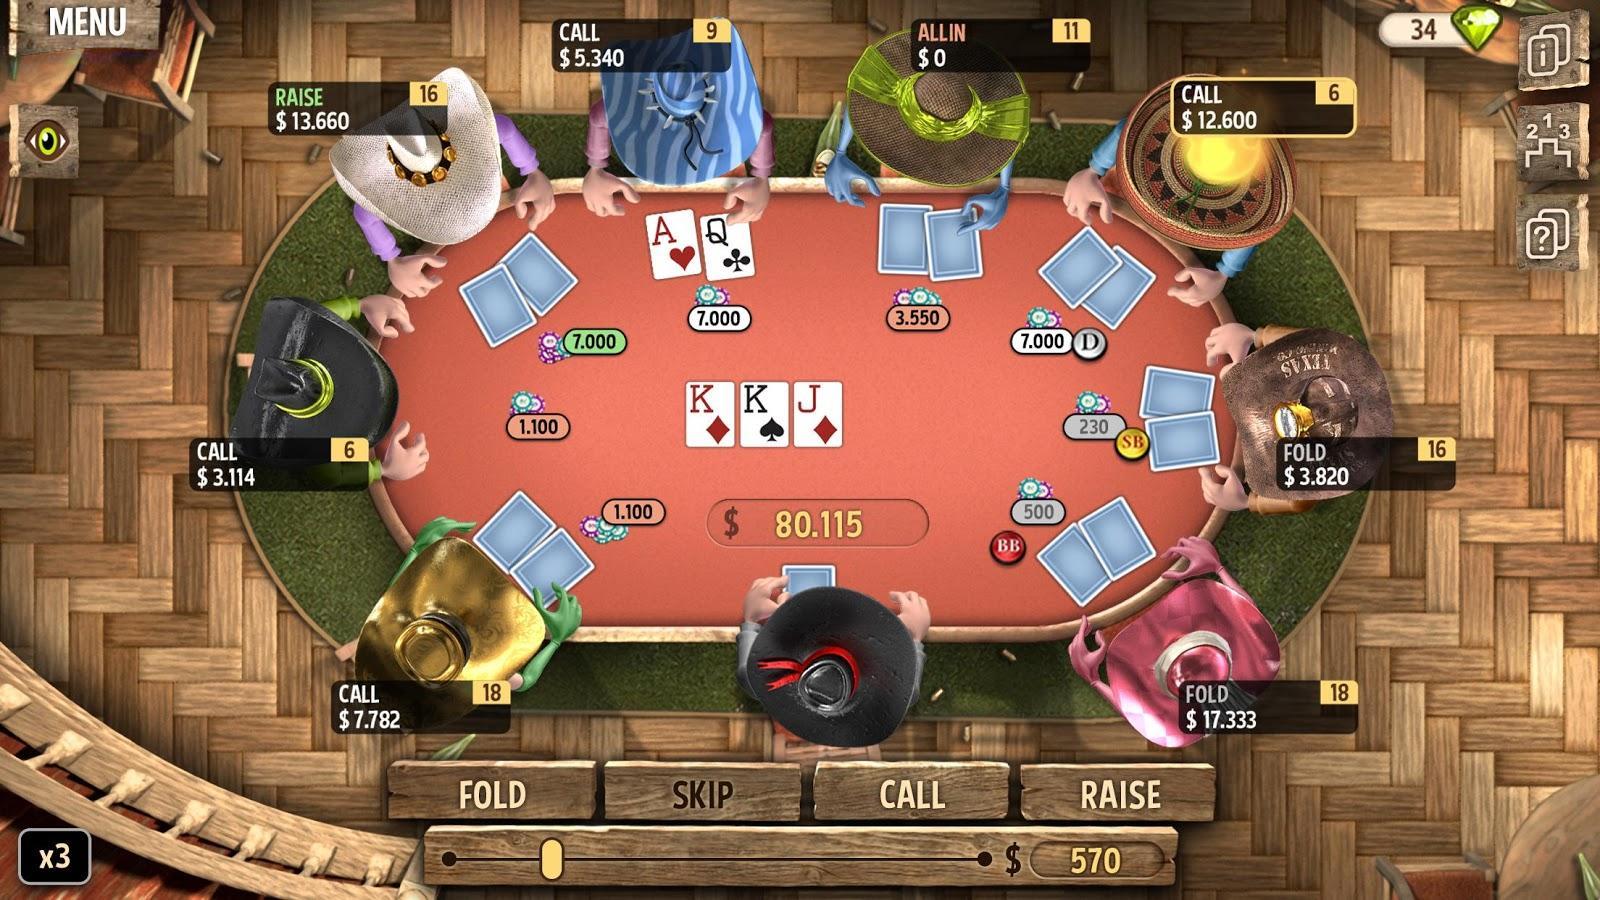 Скачать взломанный Governor of Poker 2 Premium мод много денег на андроид